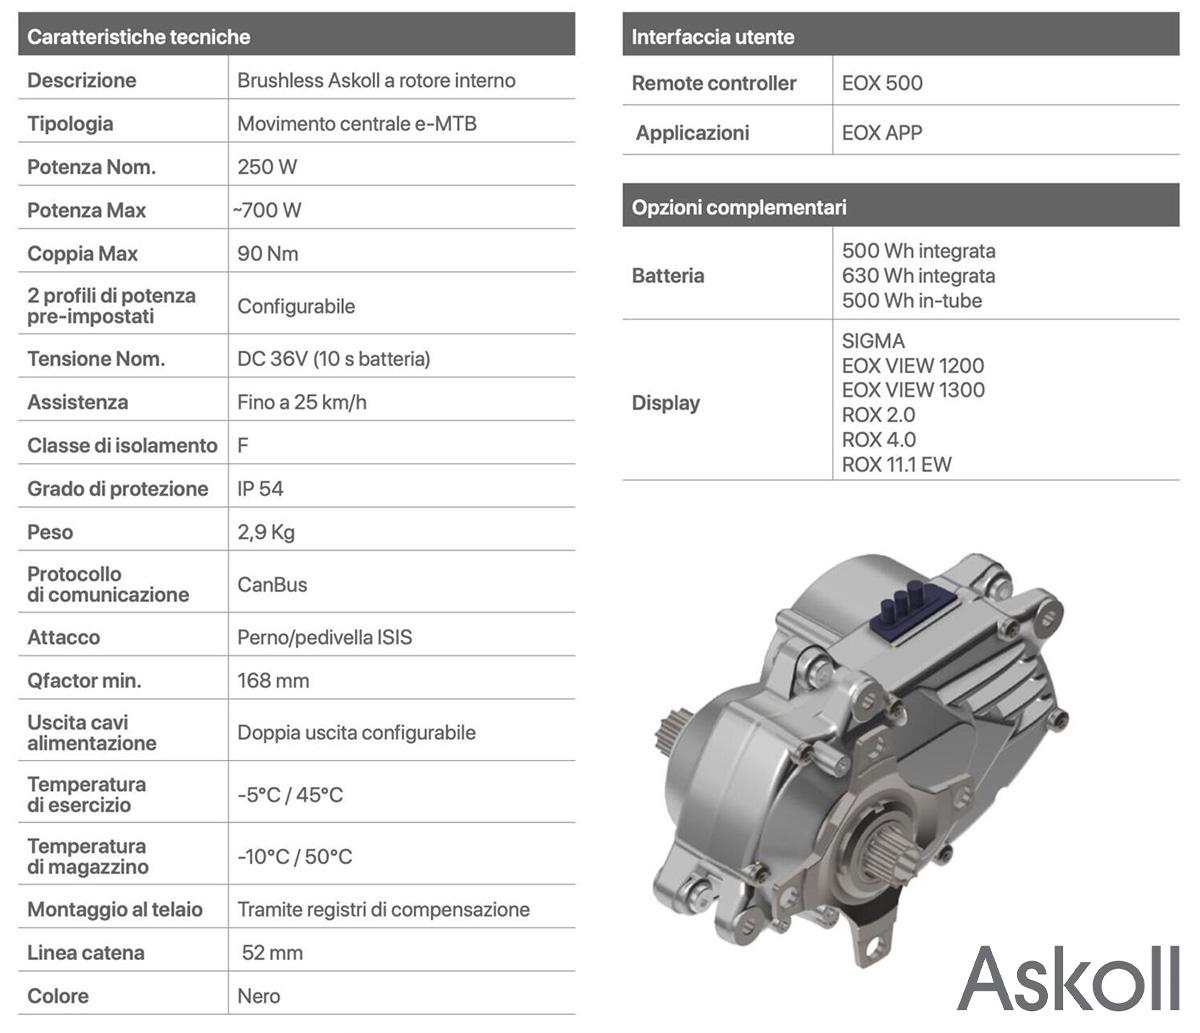 Una tabella riassume le caratteristiche tecniche del motore Askoll Drive C90A